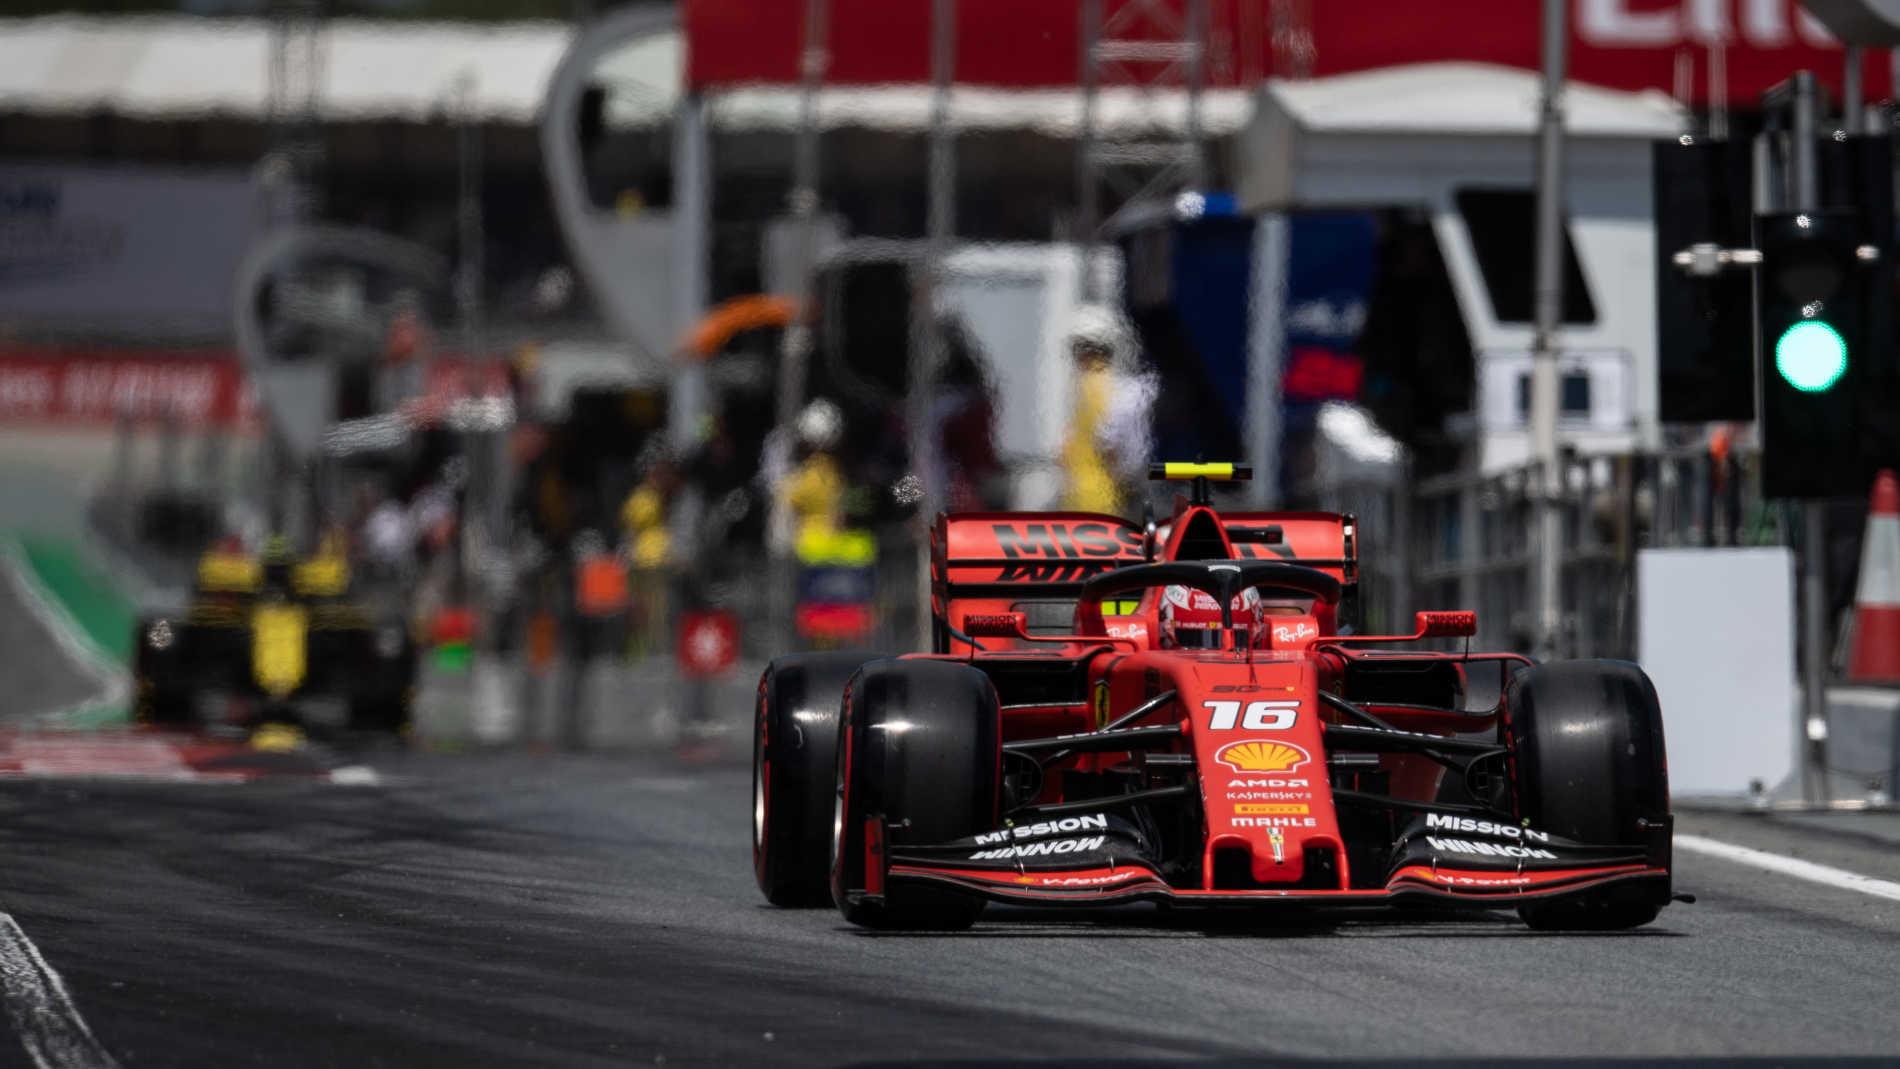 Gran Premio d'Italia 2019 - Orari e informazioni - Formula1.it